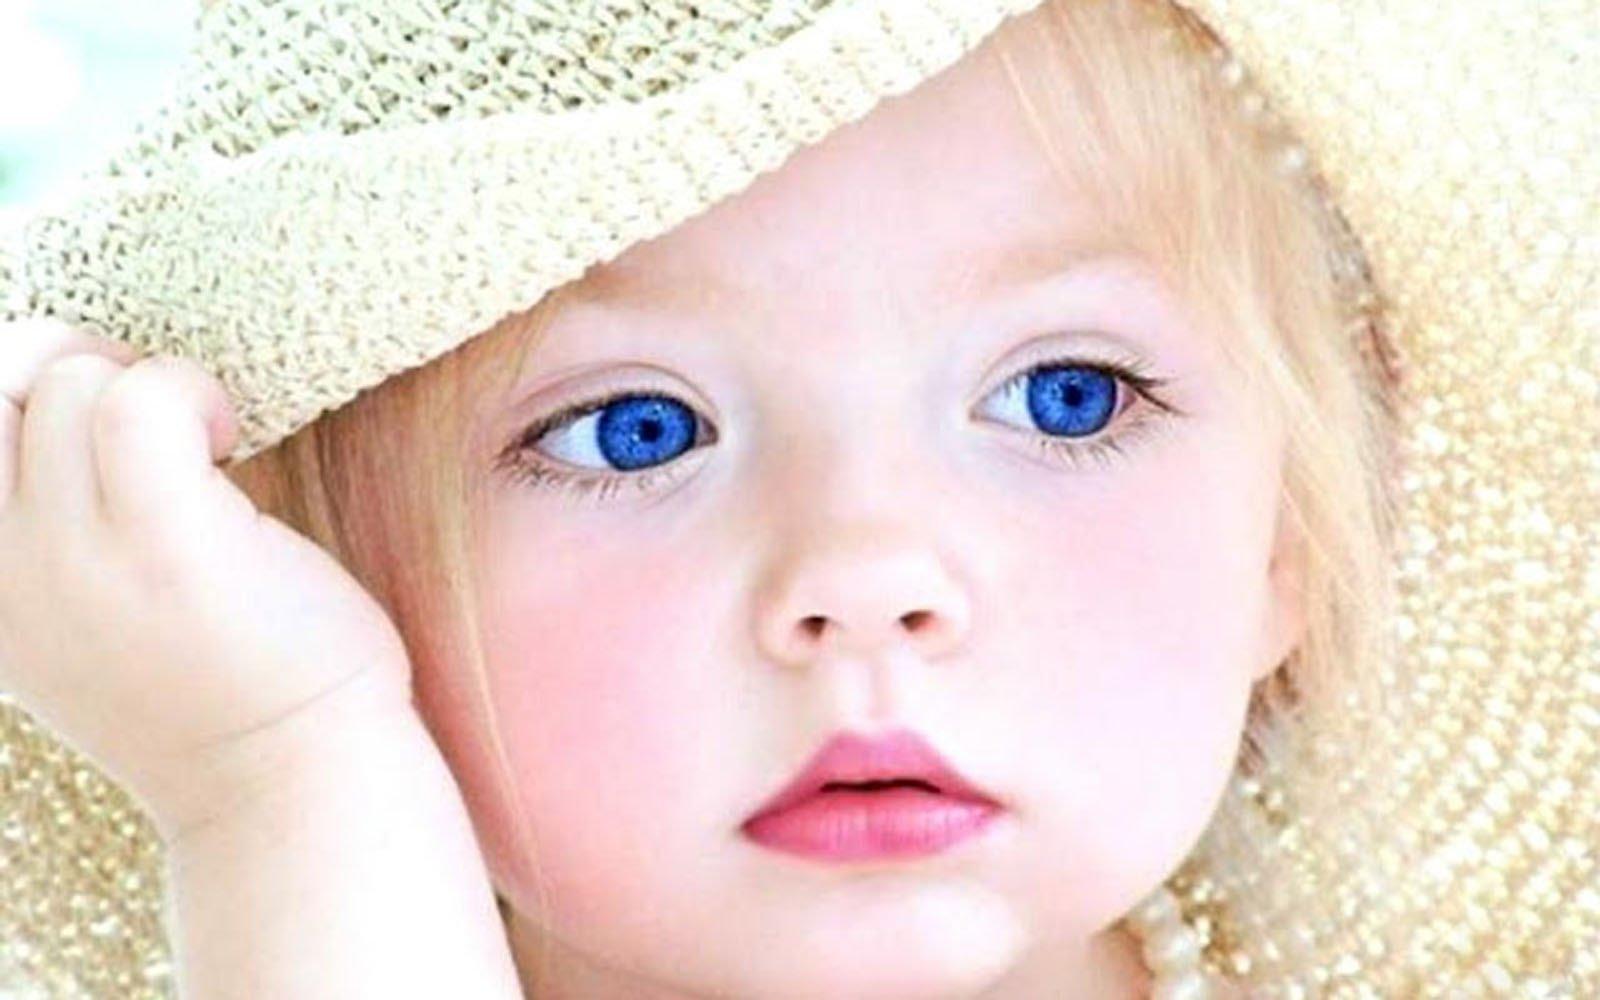 بالصور اجمل الصور اطفال فى العالم , احلى الصور لاجمل الاطفال من كل انحاء العالم 1228 11